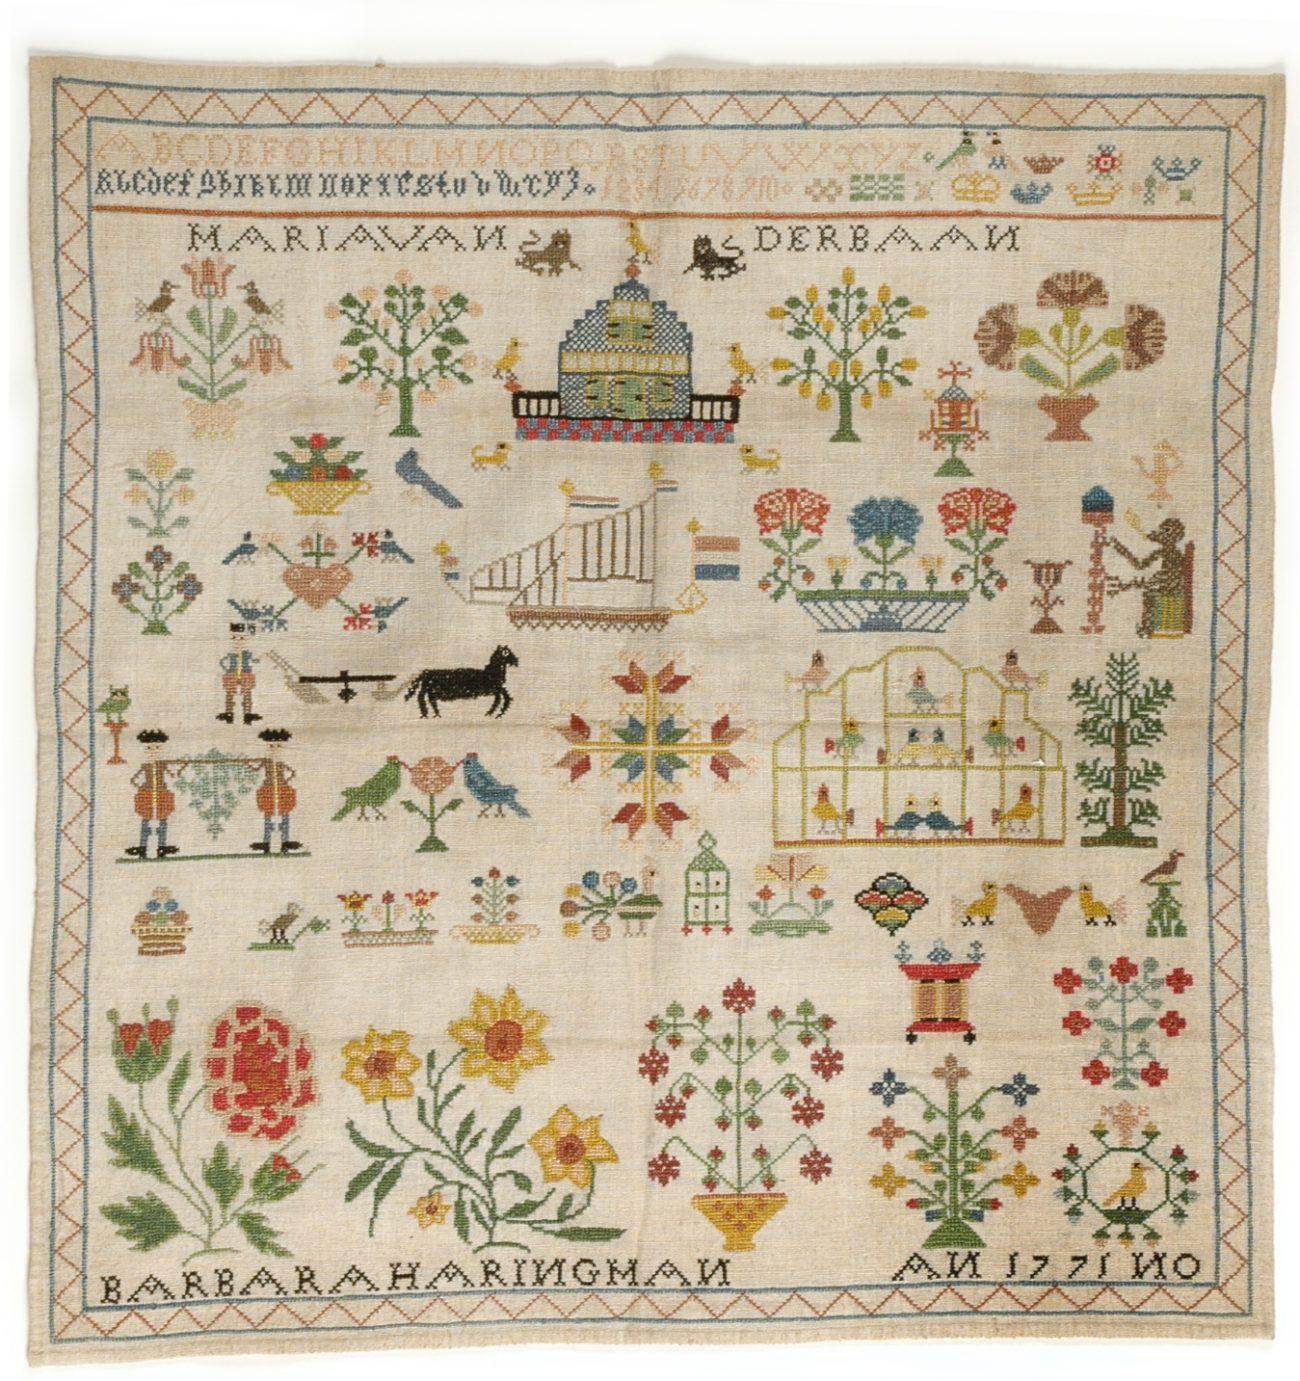 Merklap uit 1771 door Barbara Haringman uit Middelburg, particulier bezit.